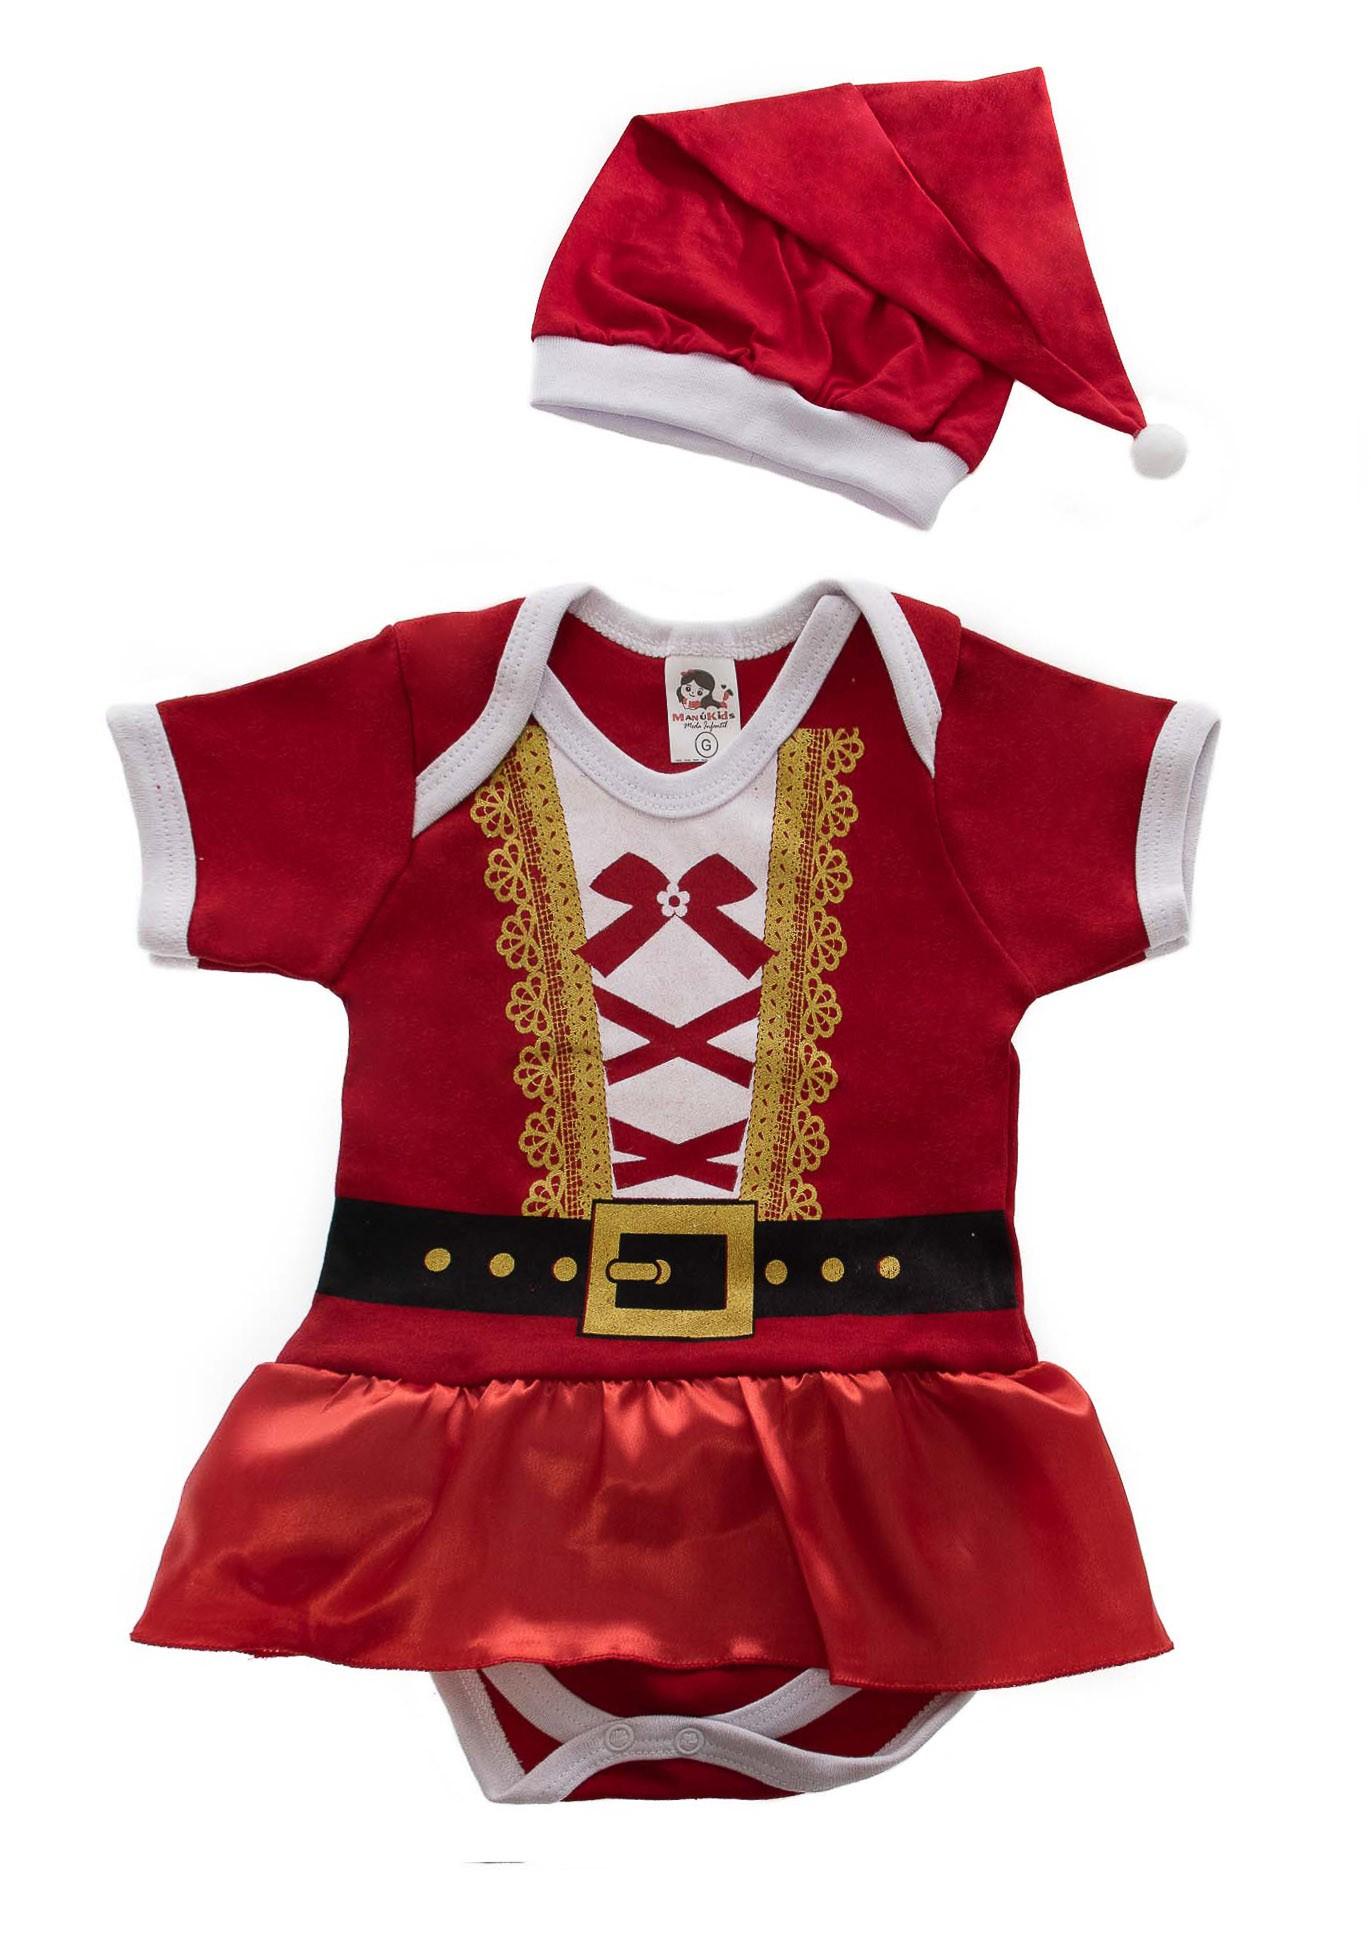 Boby Infantil Temático Mamãe Noel com Gorro